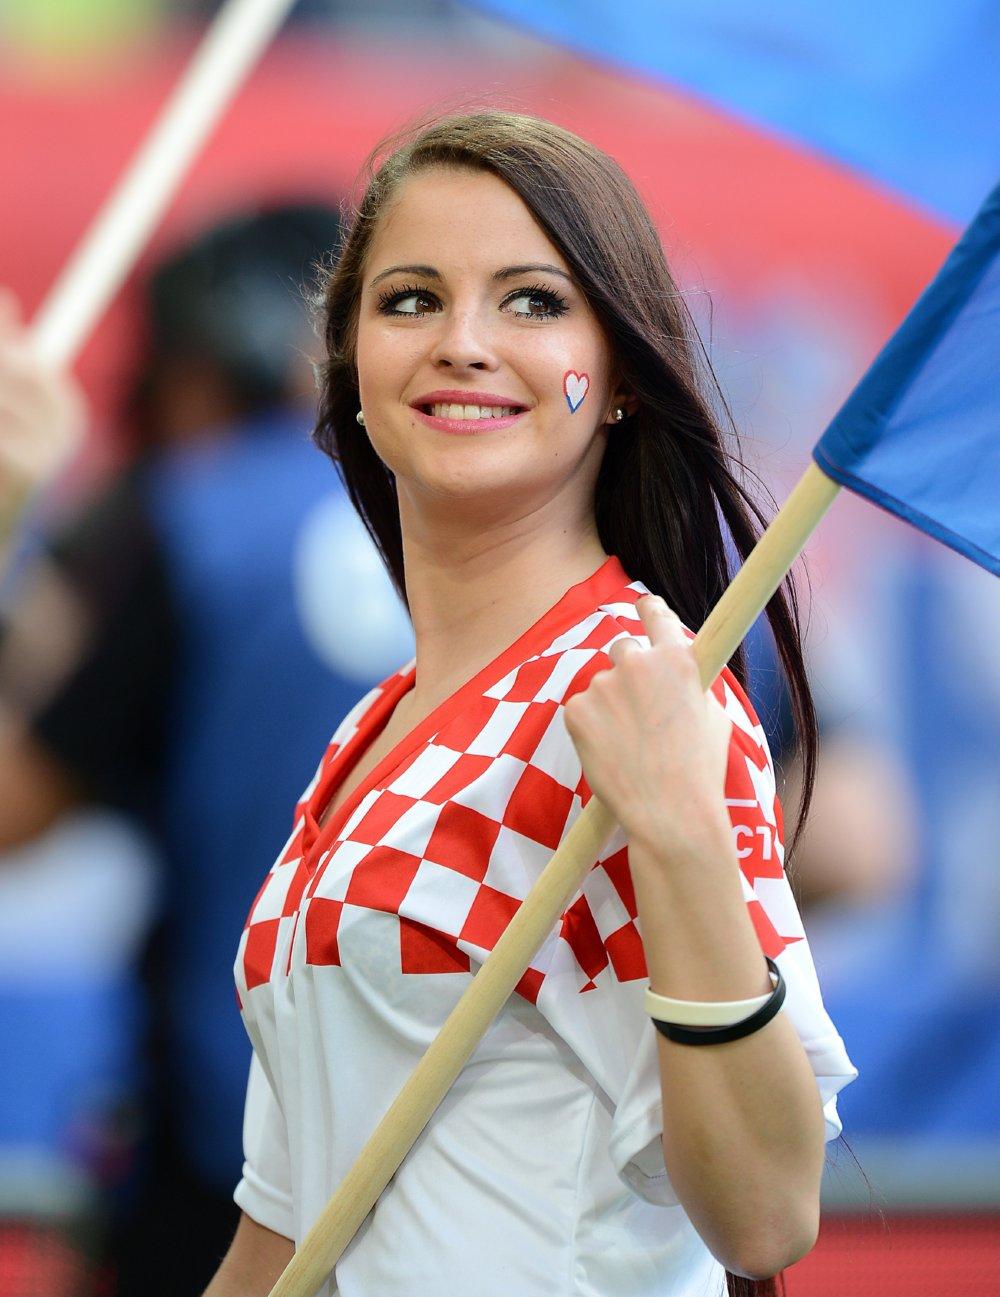 Young Croatia soccer fan | Croatia, Fan picture, Soccer fans |Croatia Soccer Fans